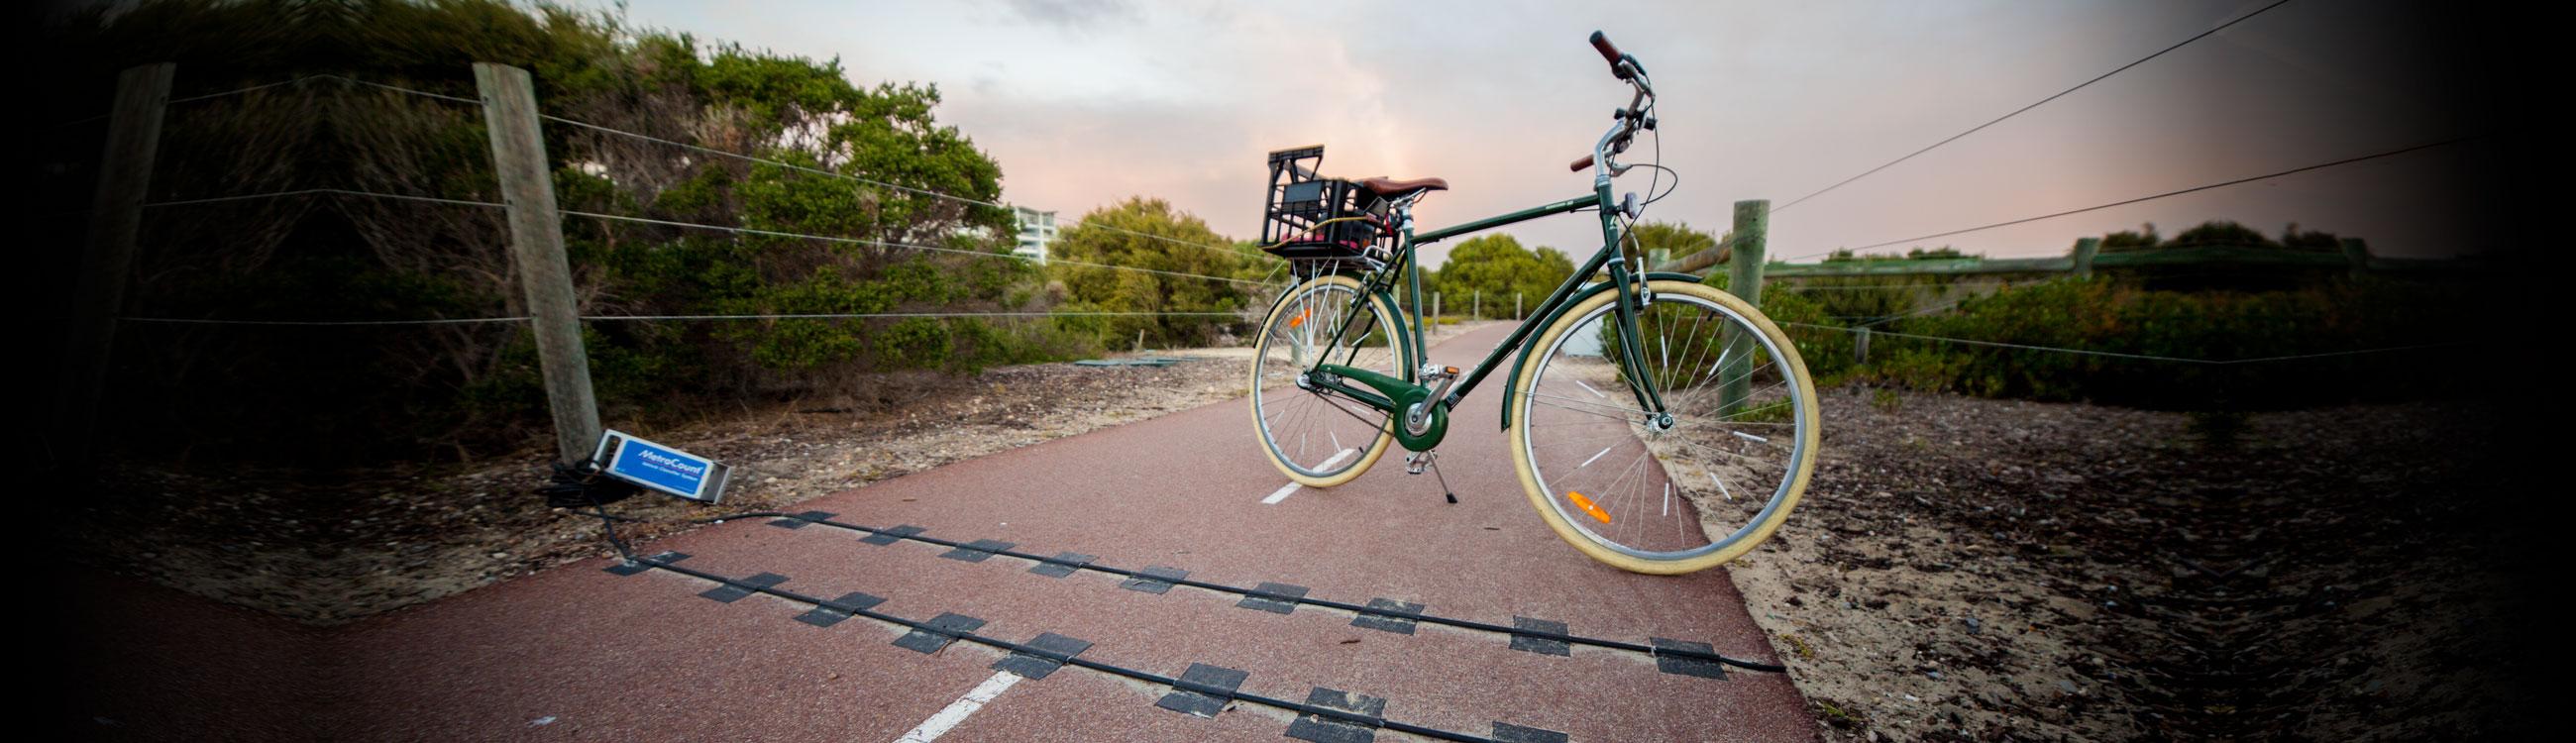 Mieux que le eco compteur | le RidePod BT de MetroCount